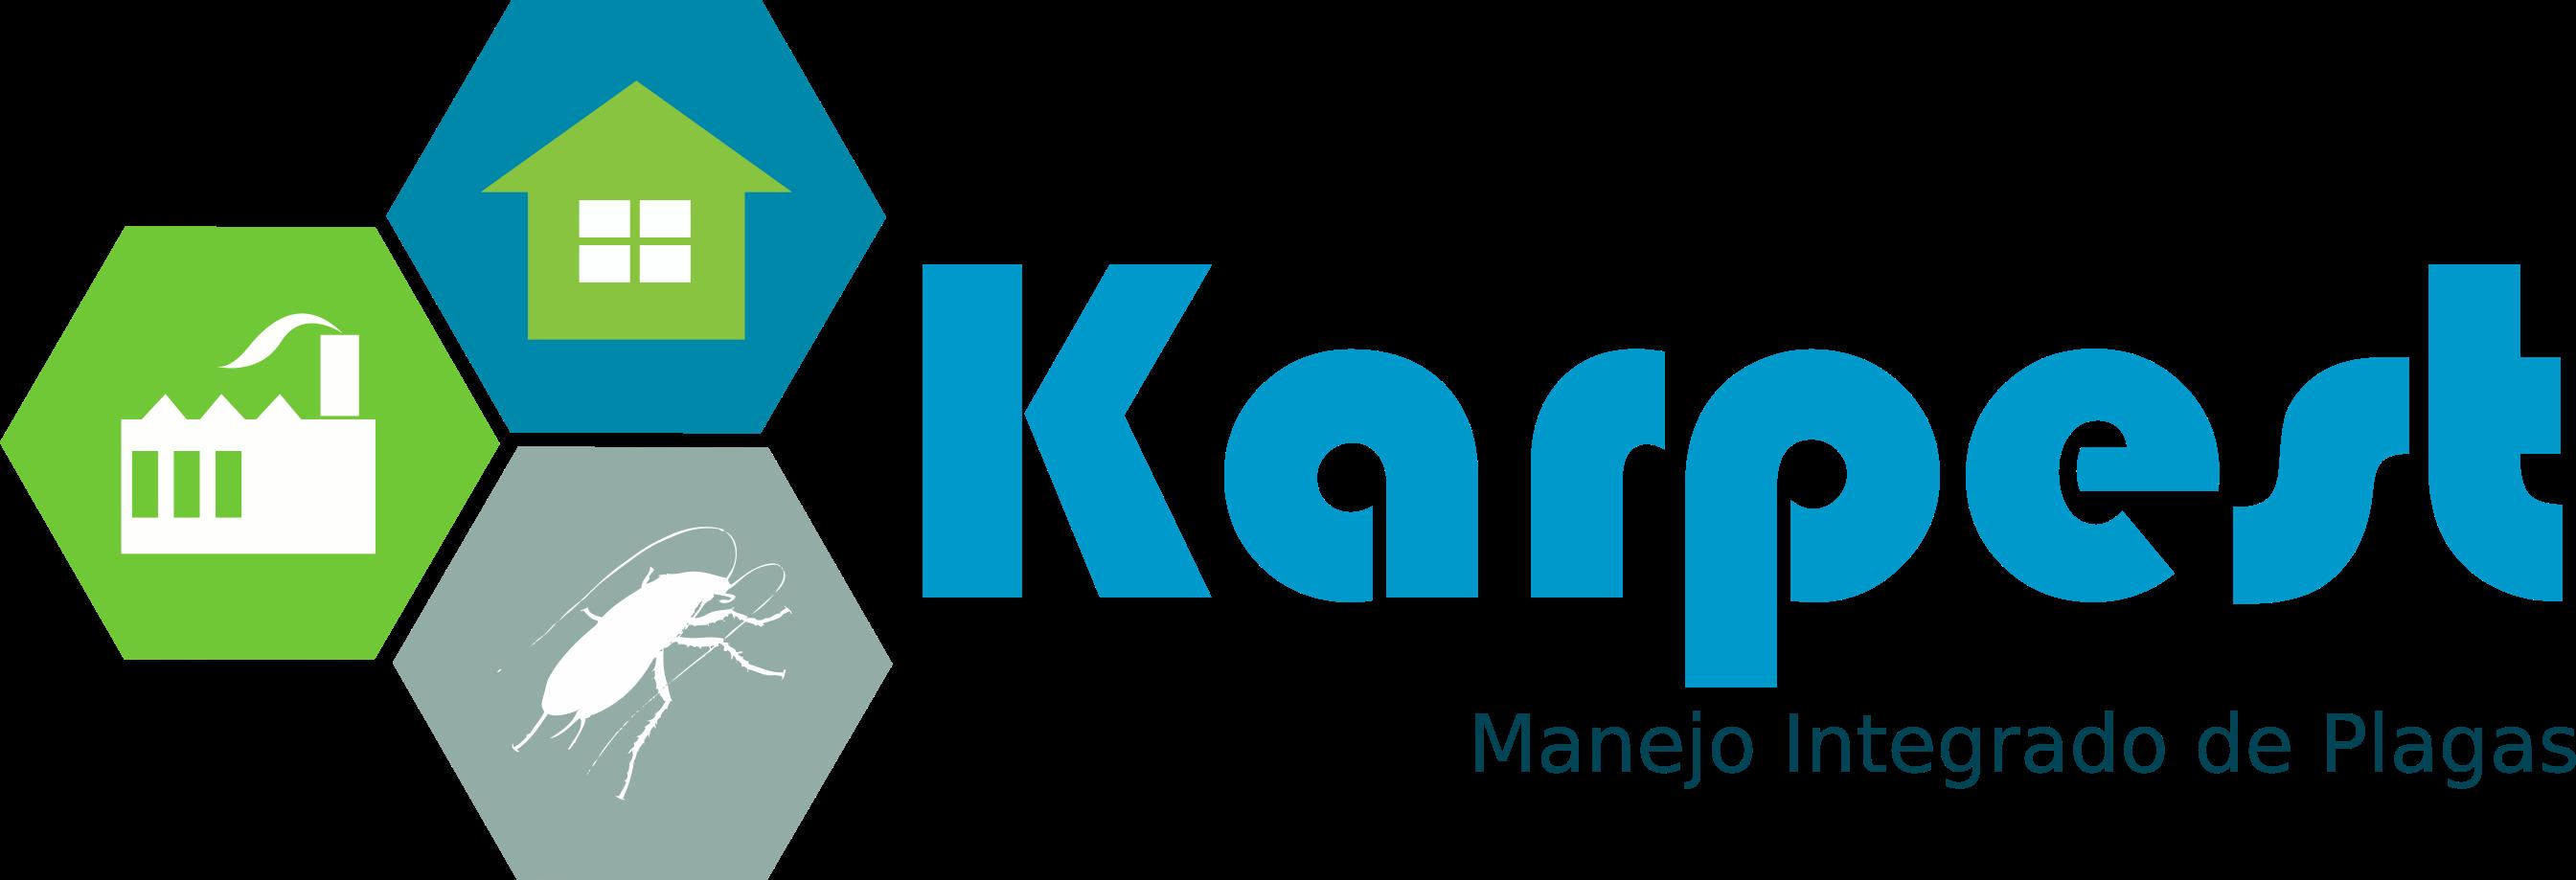 Fumigaciones Karpest – Control de plagas en Hidalgo.